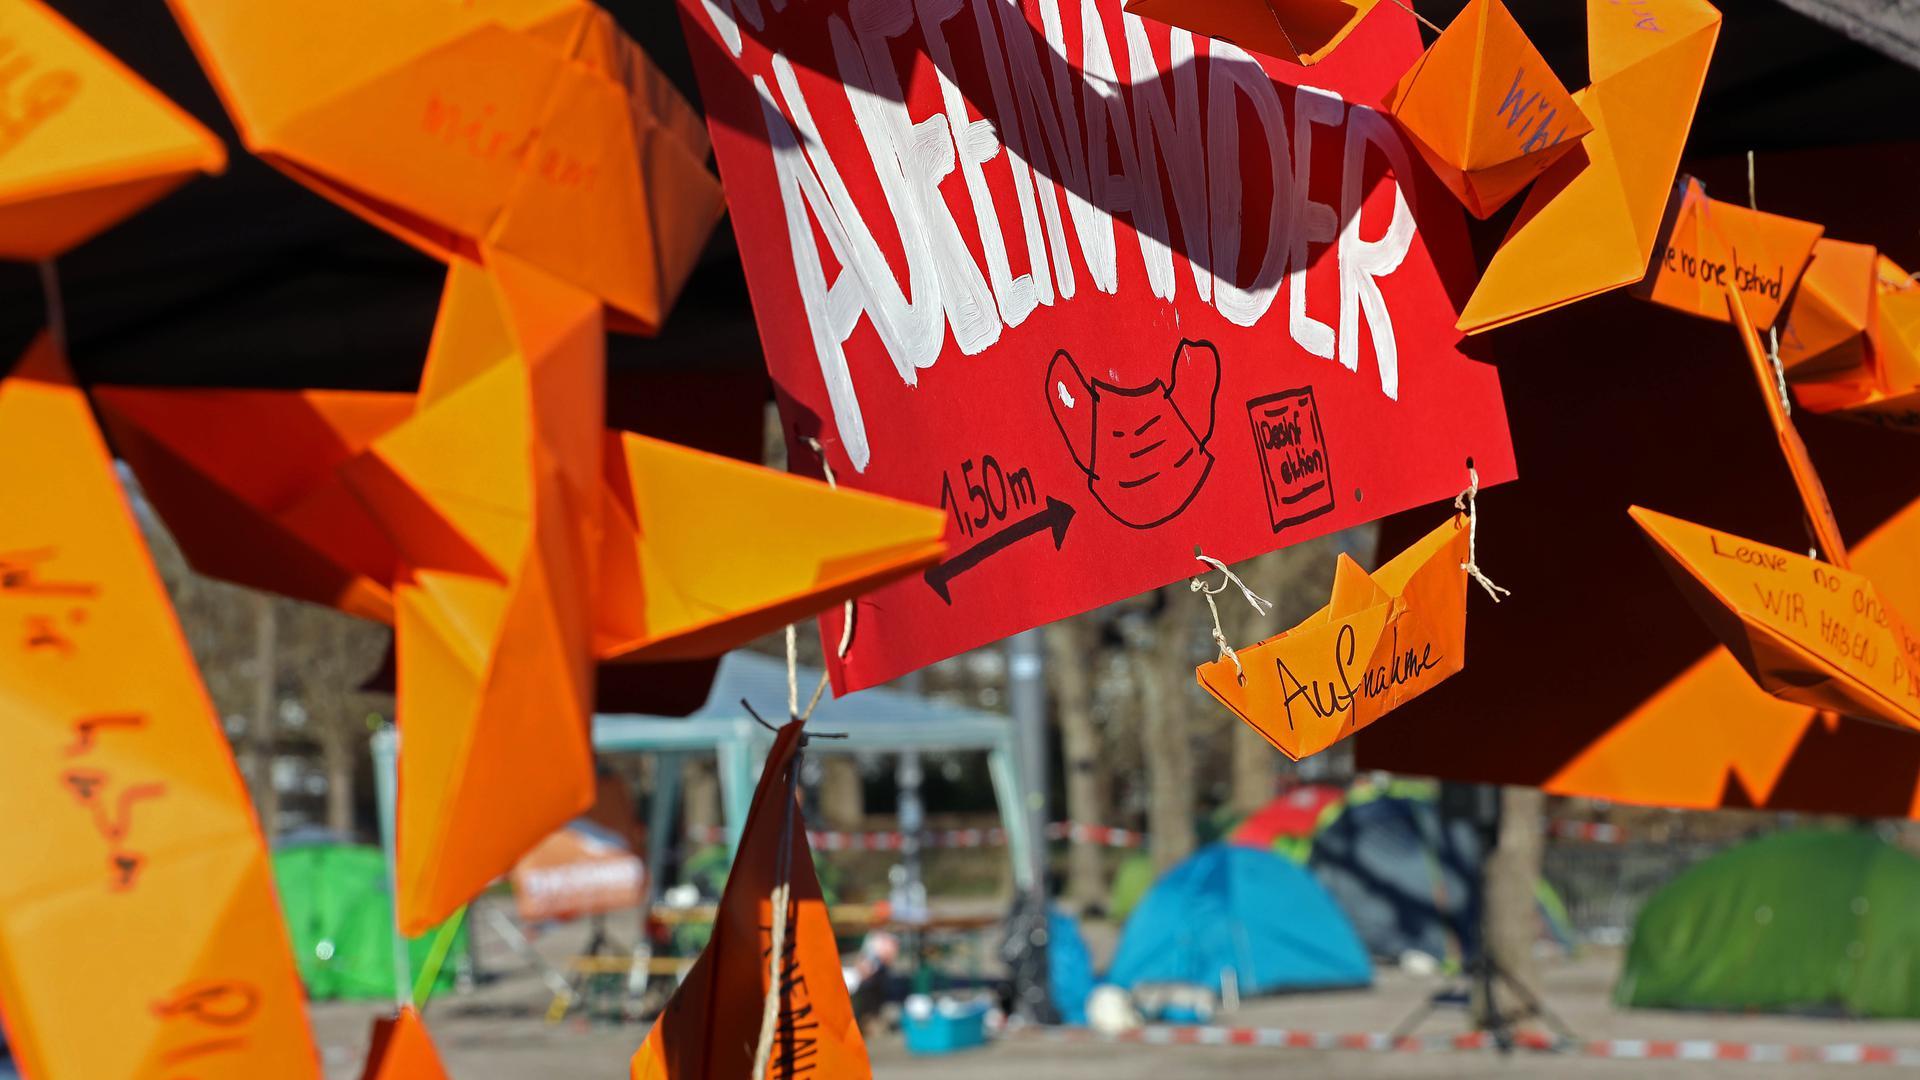 Orangene Papierboote im Vordergrund, Zelte im Hintergrund